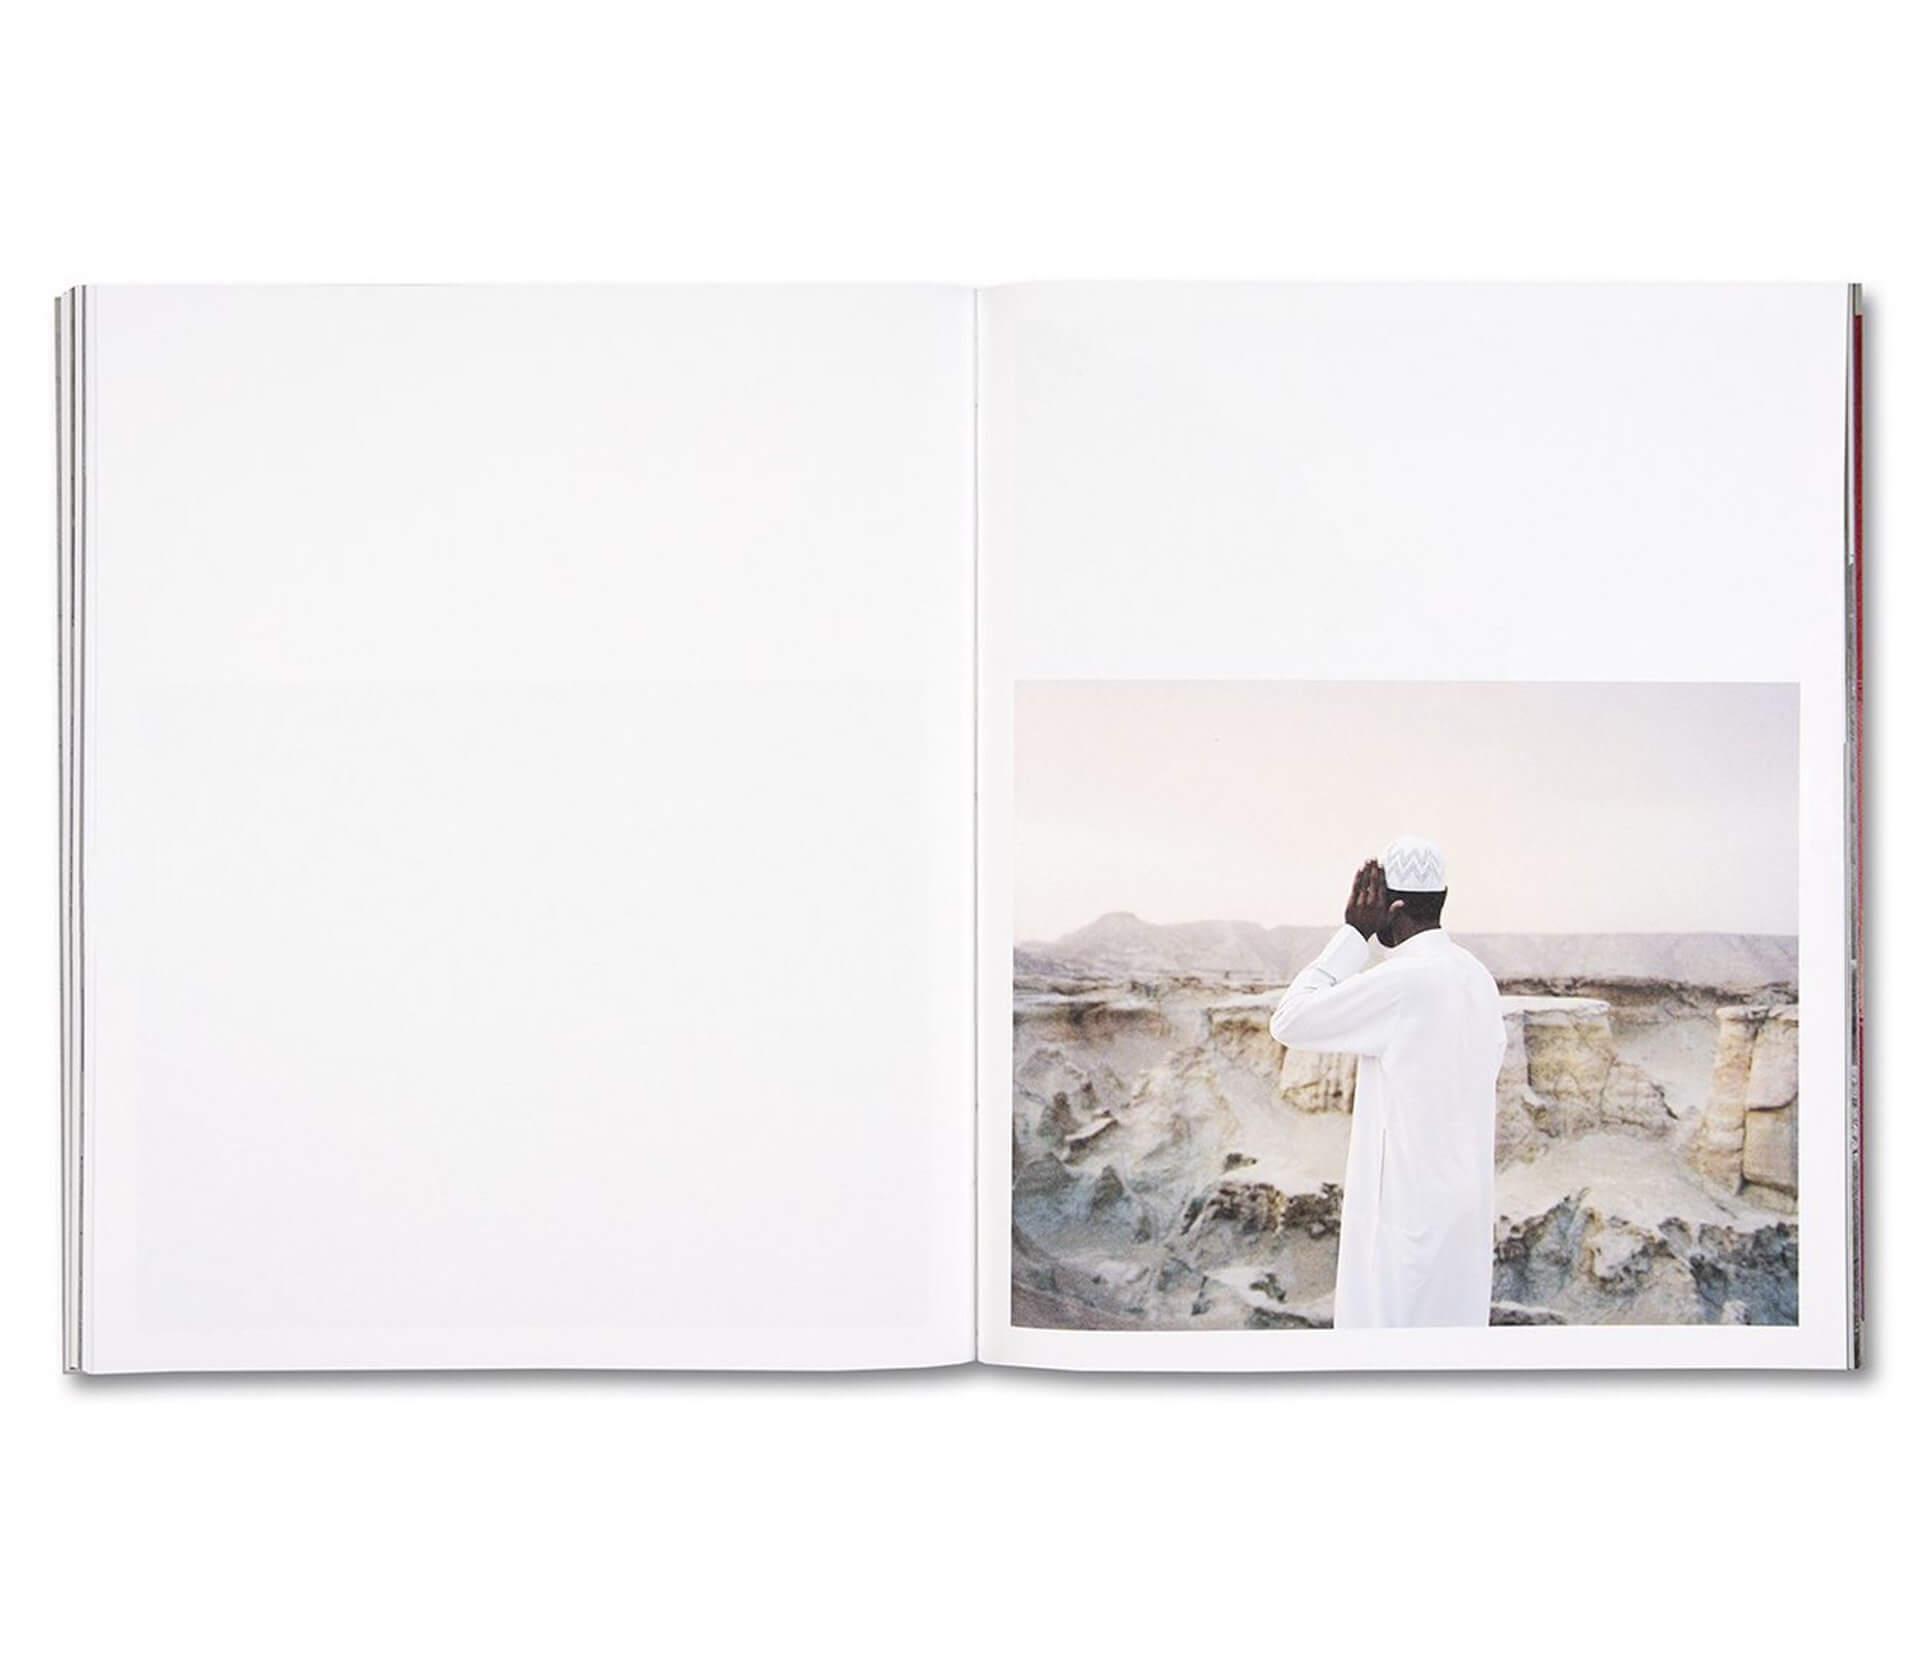 アートブックノススメ|Qetic編集部が選ぶ5冊/Roni Ahn 他 column210916_artbook-013